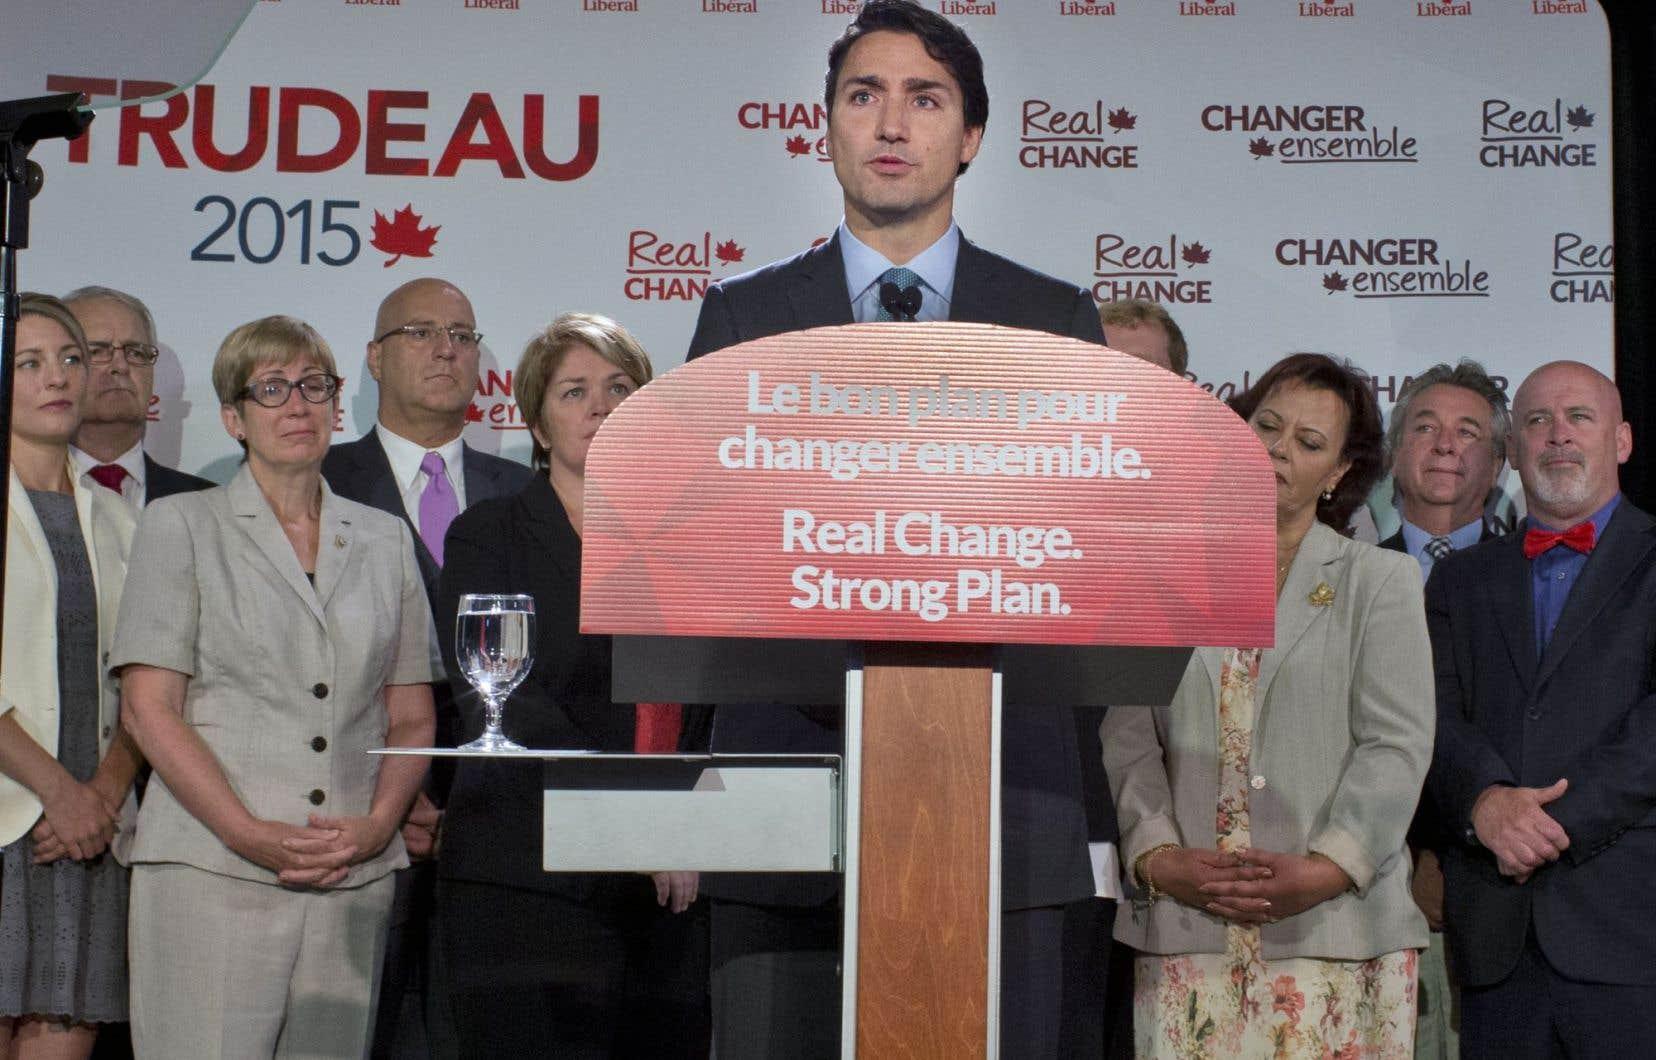 L'émotion du chef libéral était vive lorsqu'il a reproché à Stephen Harper et à son ministre de la Citoyenneté et de l'Immigration, Chris Alexander, de s'être traîné les pieds dans ce dossier.